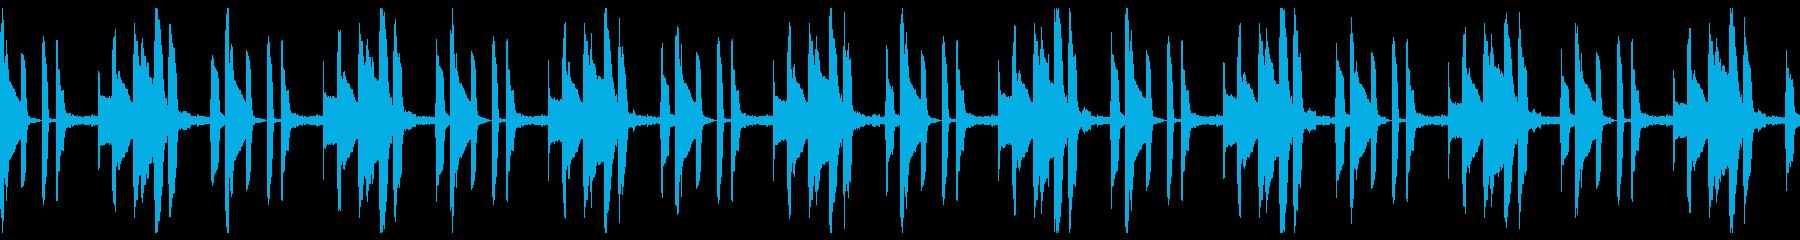 シンプル・CM・報道系・動画広告_ループの再生済みの波形